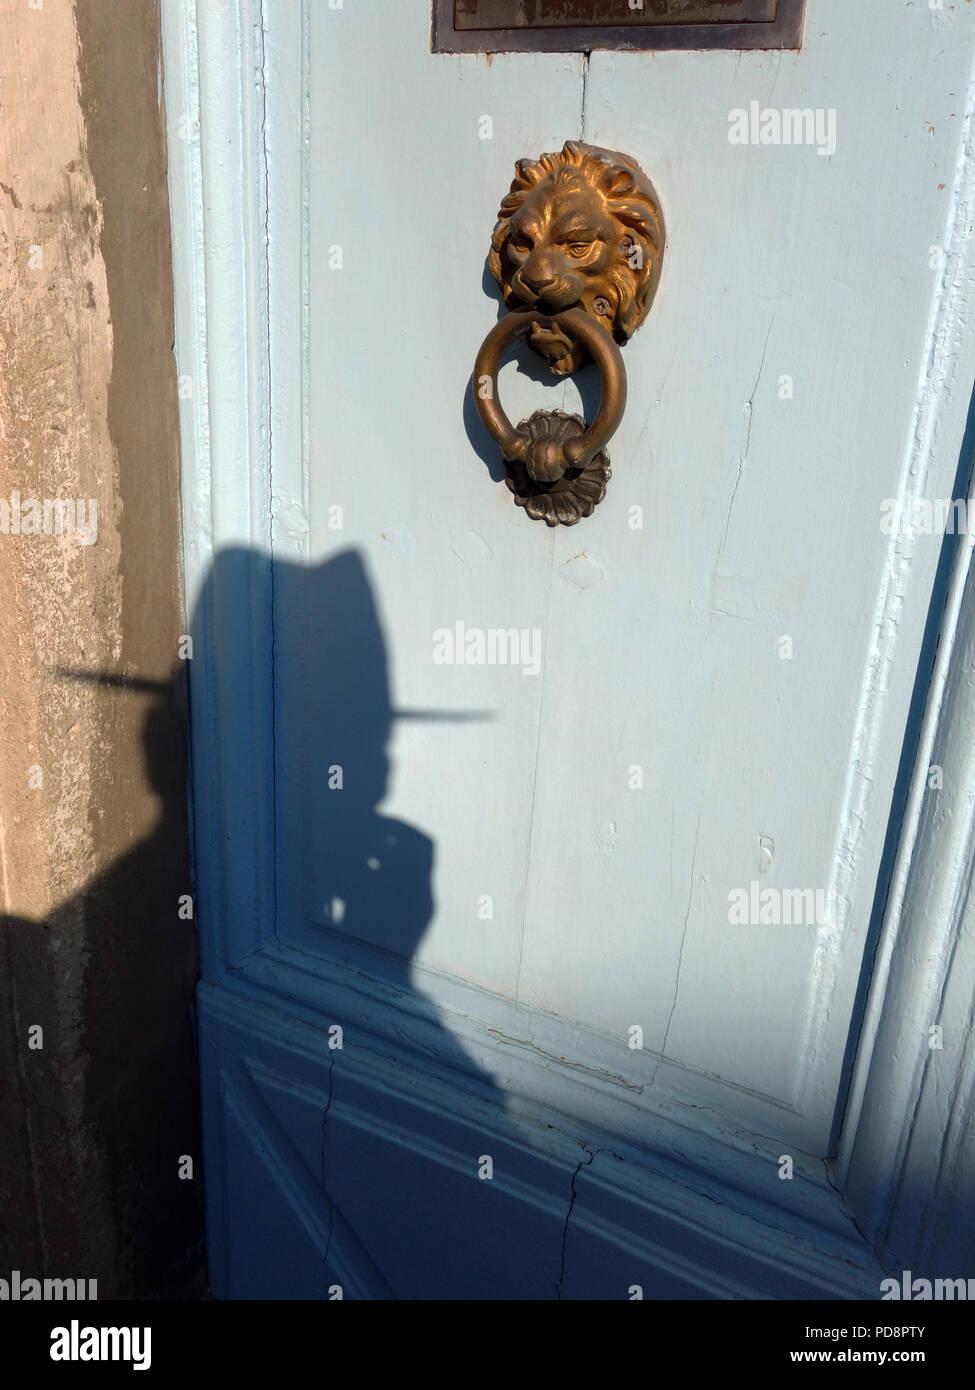 Finstere Mann fotografiert in hat mit einer starken silhouette Schatten auf eine alte französische Tür Stockbild